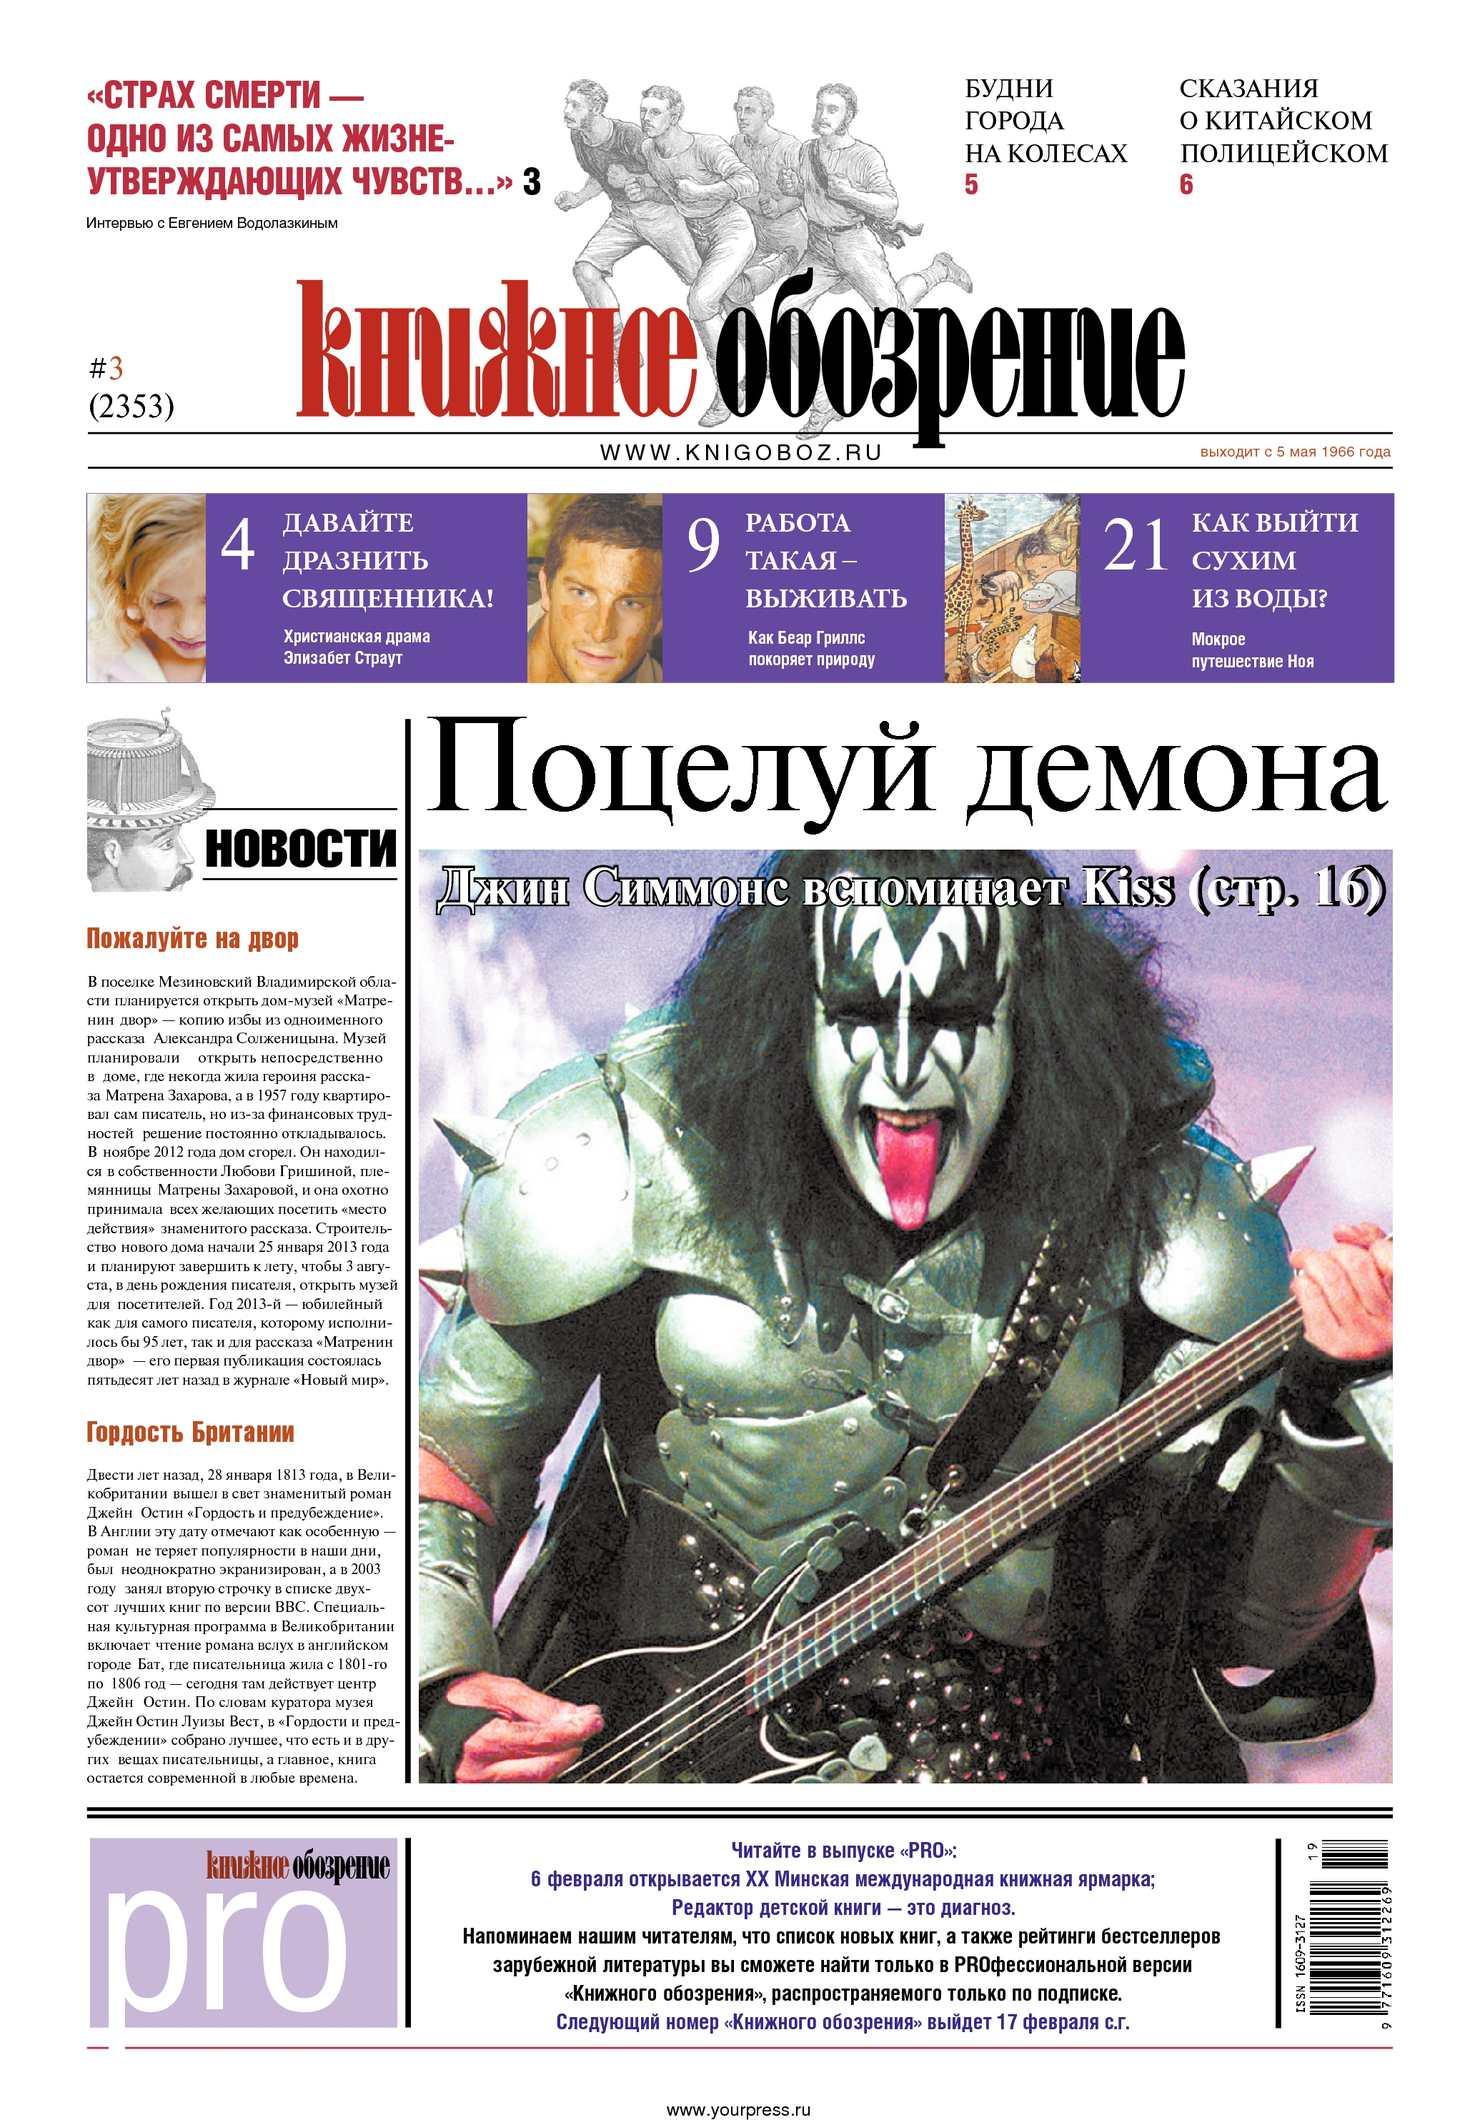 Газета. Книжное обозрение № 3 (2353)